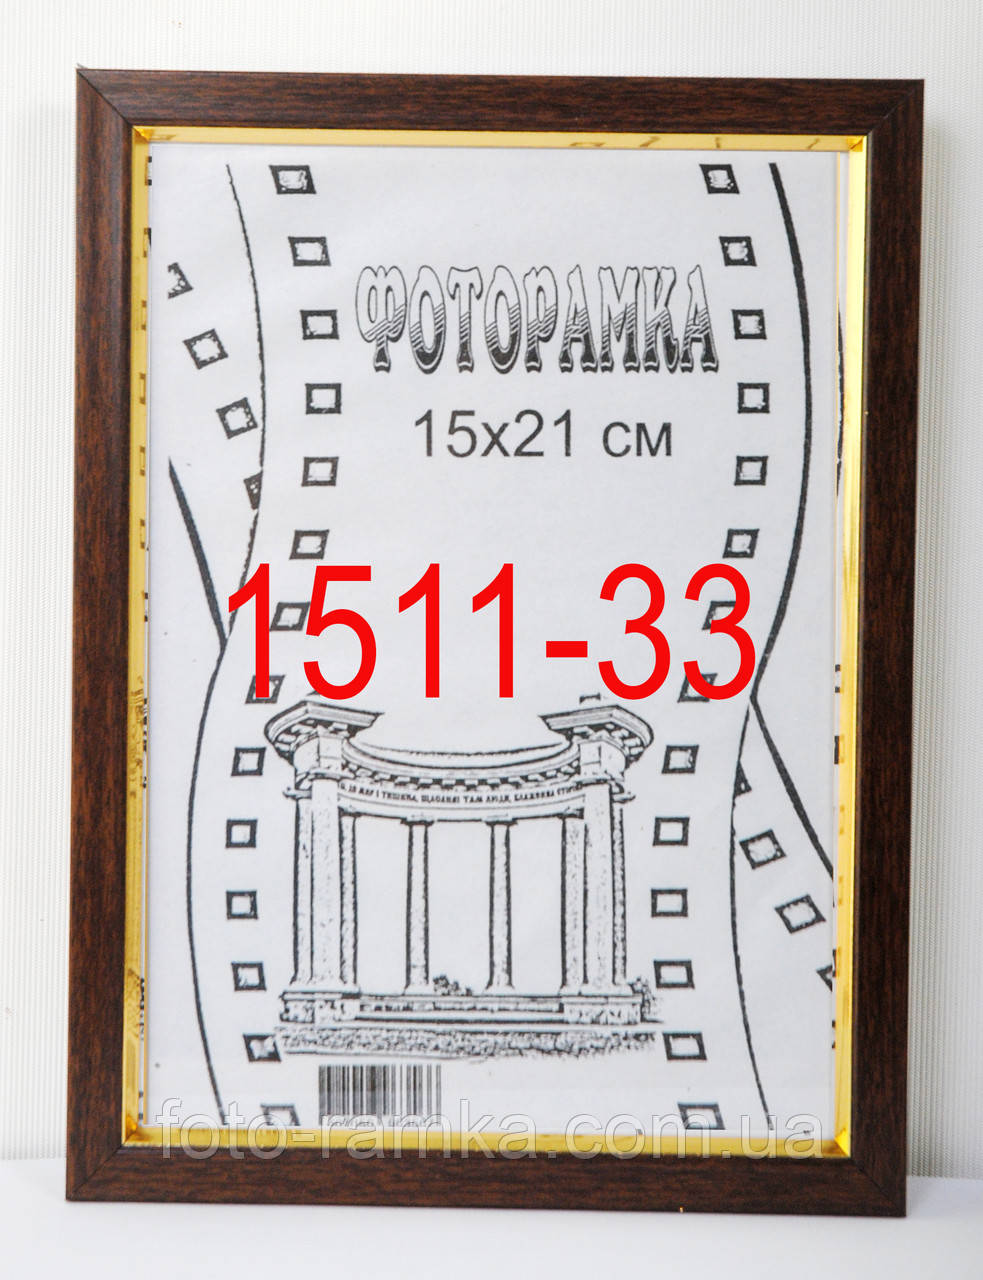 Фоторамка, 15x21, номер багета 1511